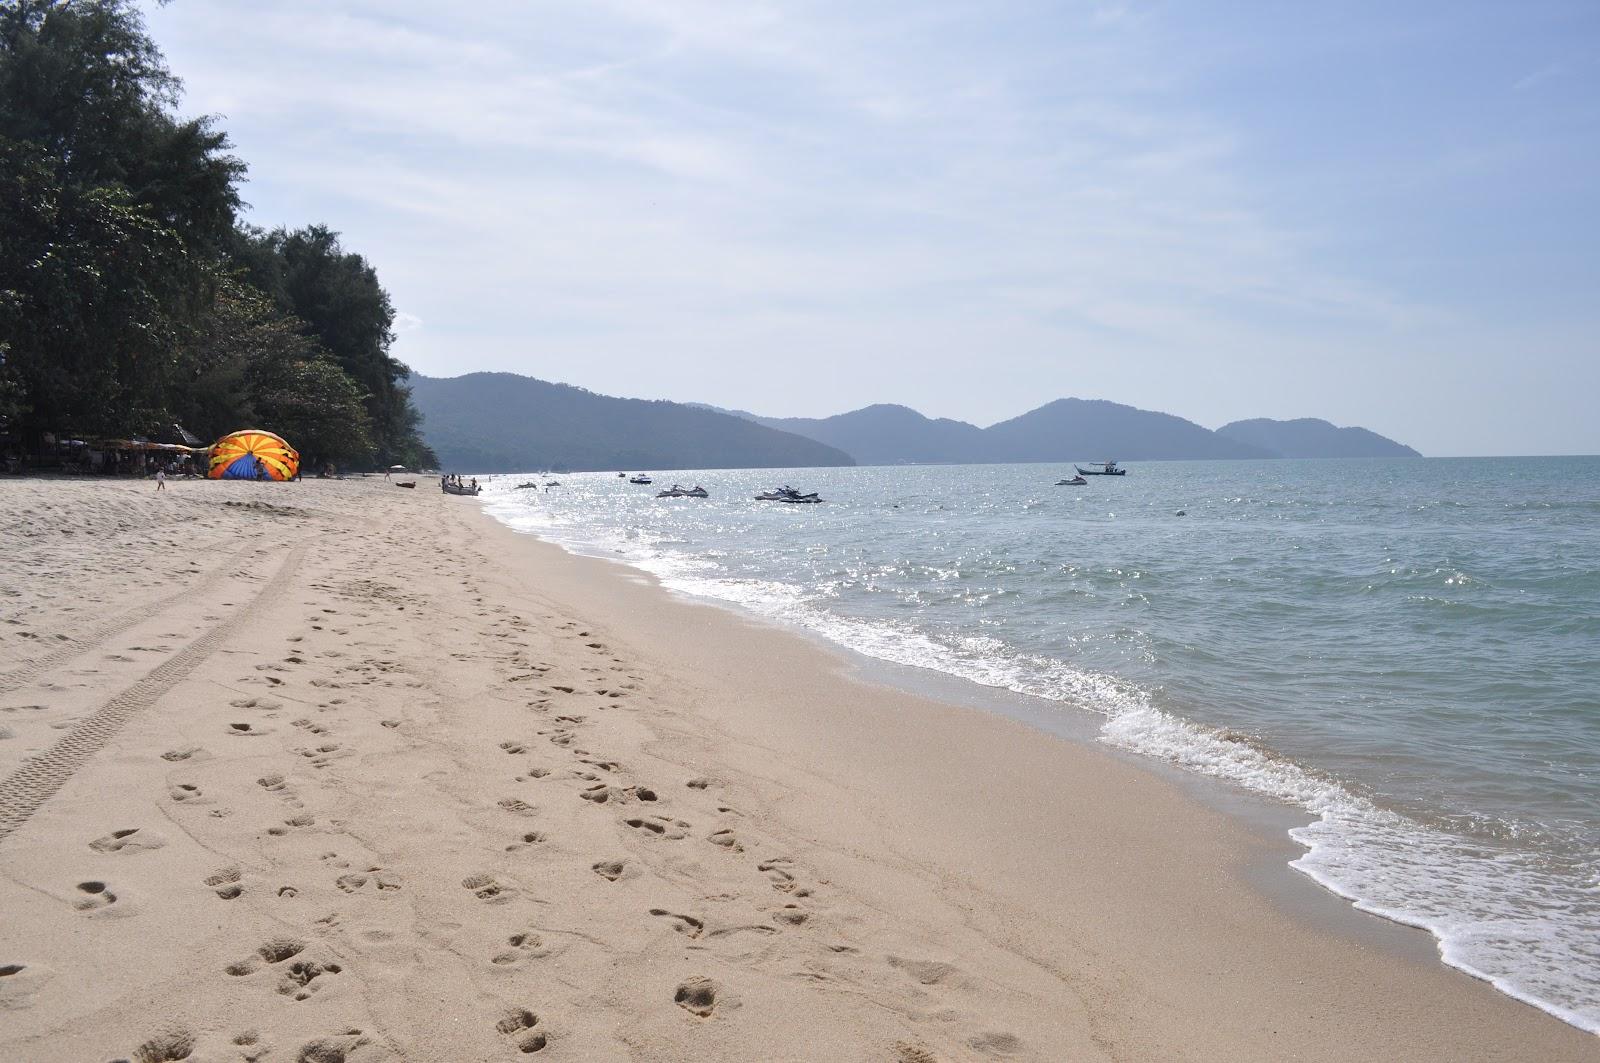 batu-ferringhi-penang-beach-malaysia